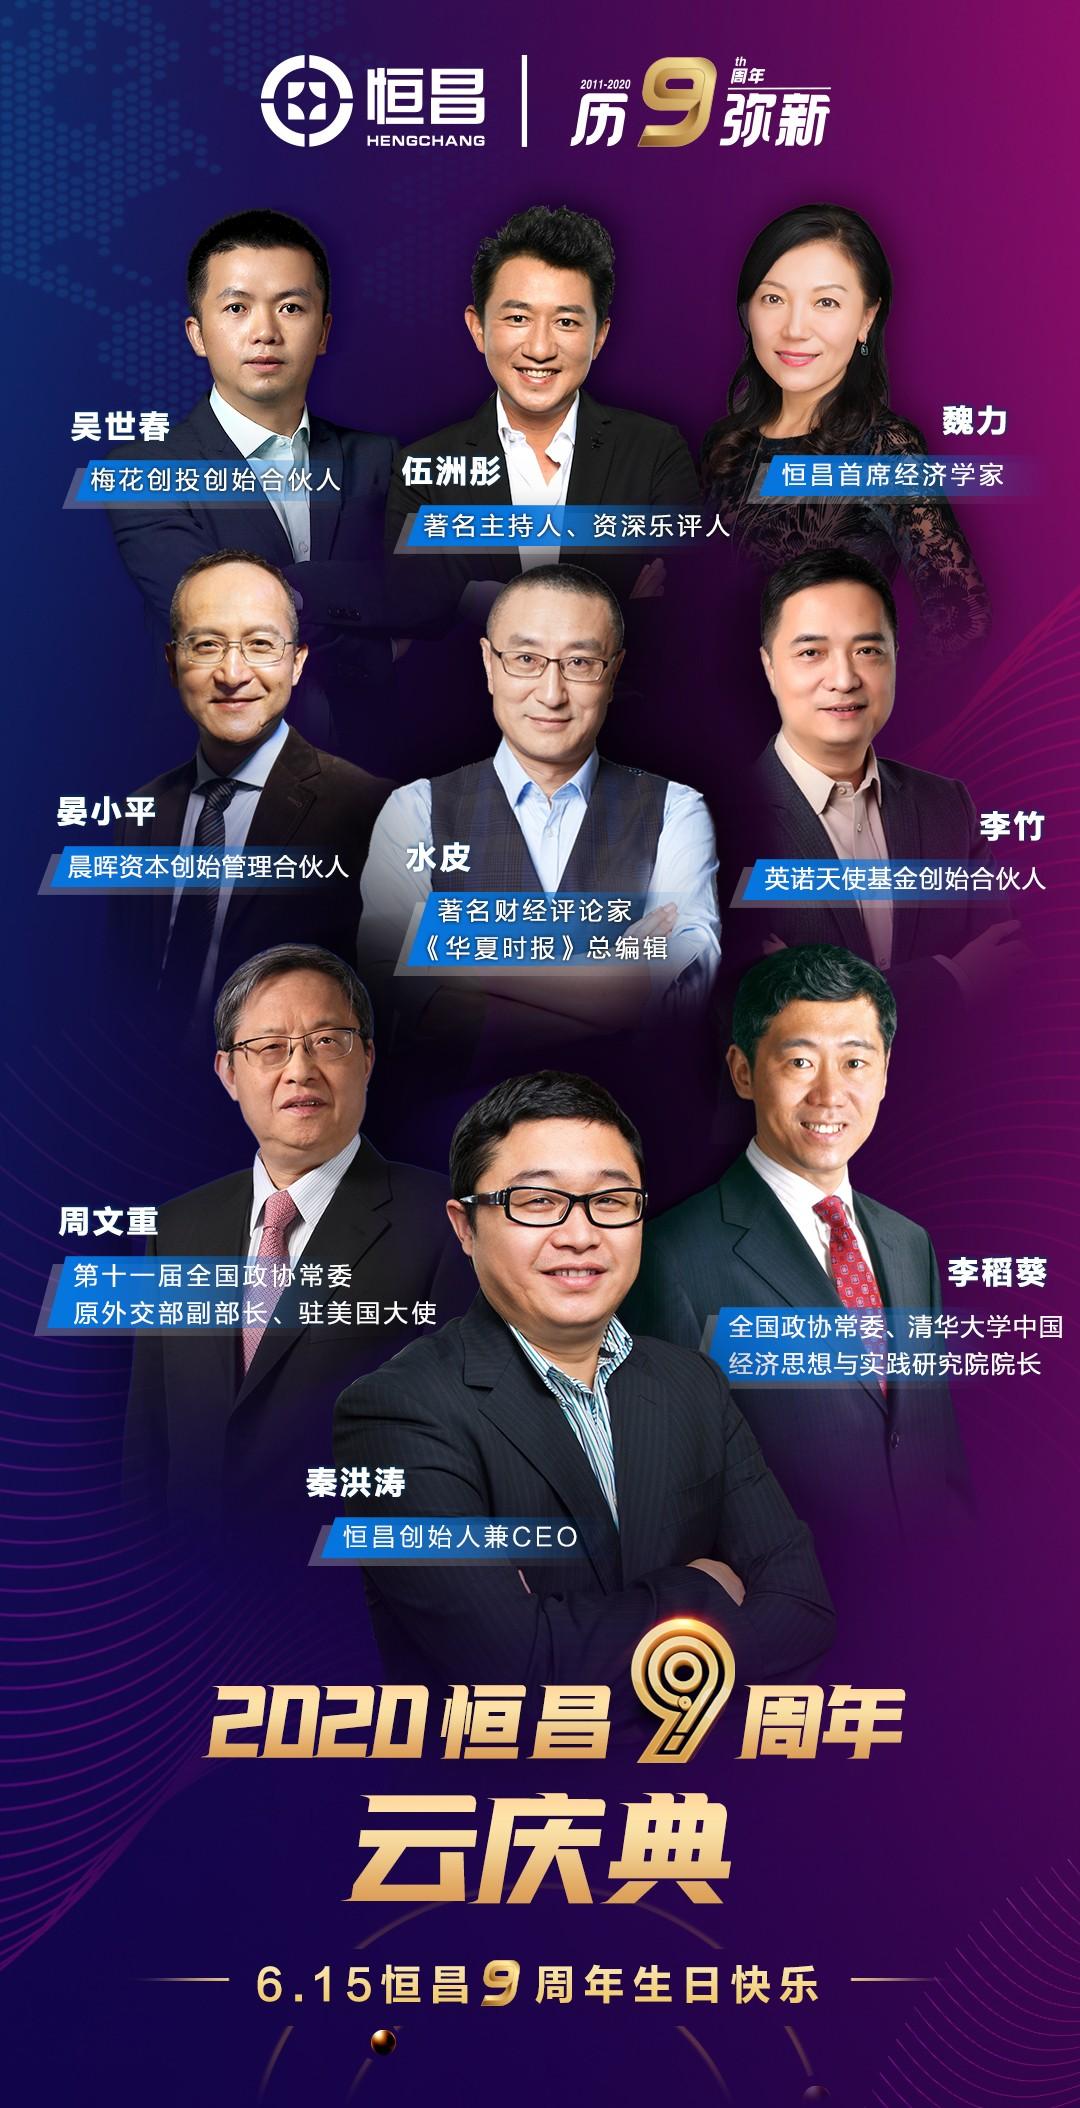 恒昌创始人兼CEO秦洪涛:我们正处于科技创新的战略机遇期 数字化转型大势所趋